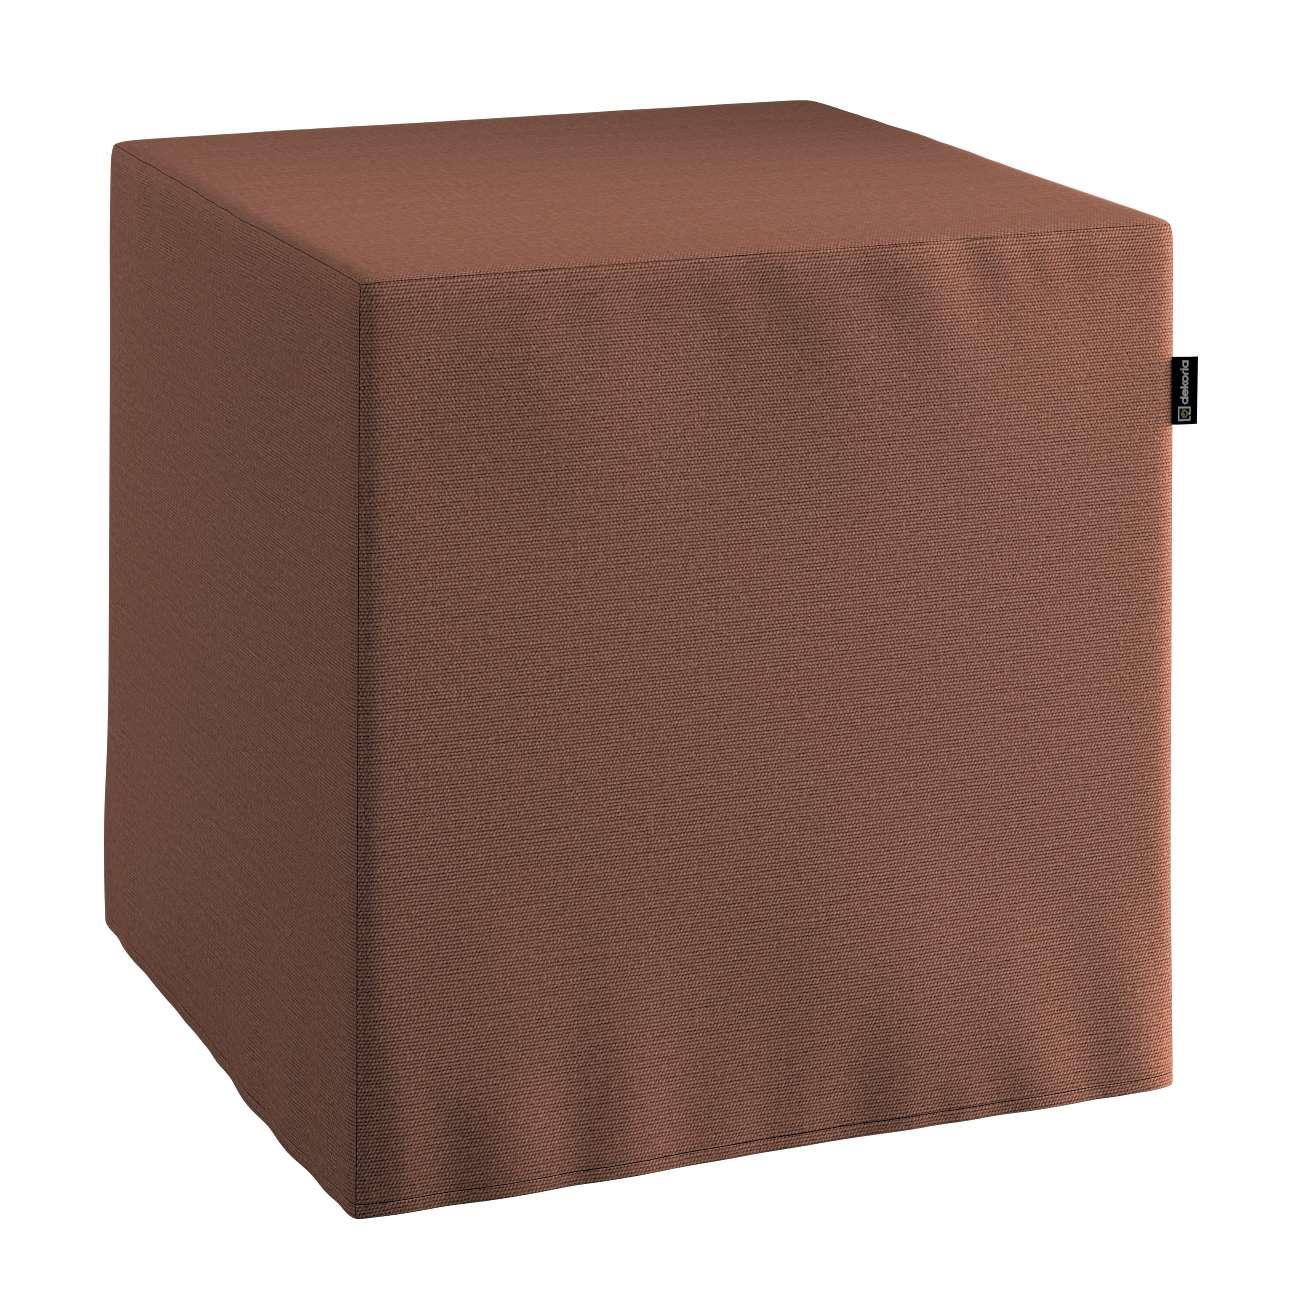 Taburetka tvrdá, kocka 40 × 40 × 40 cm V kolekcii Loneta, tkanina: 133-09